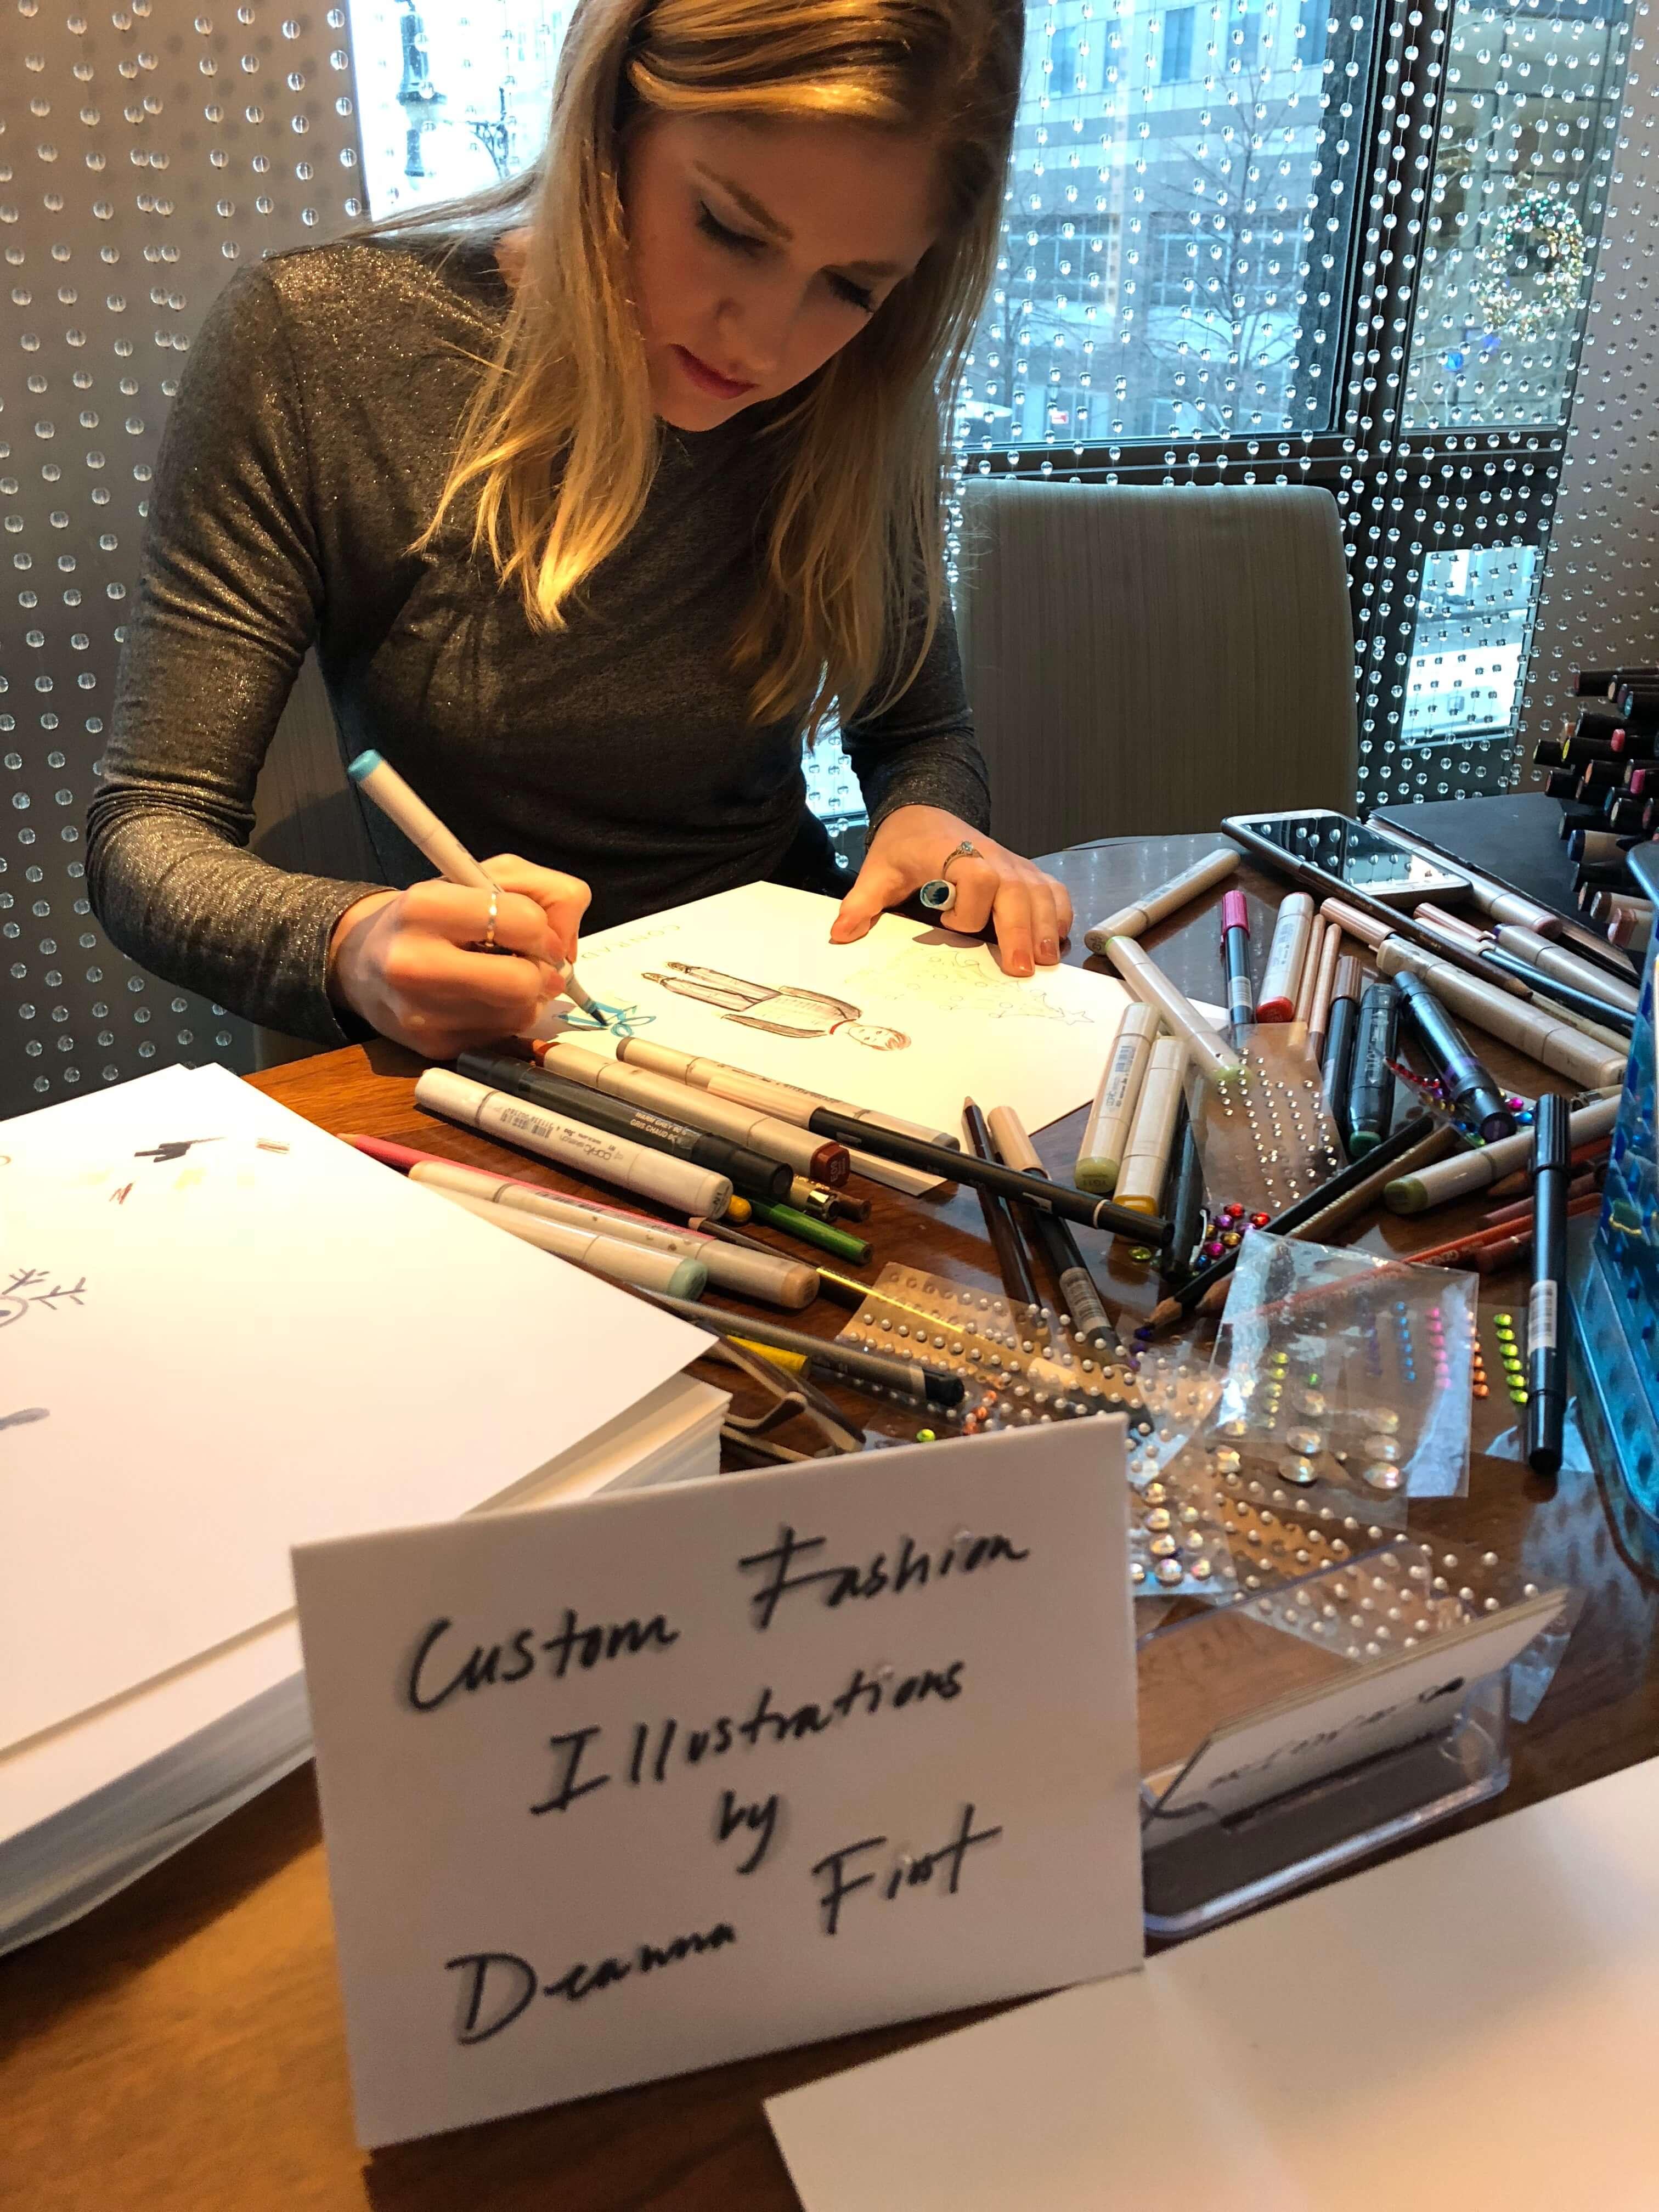 holiday fun and illustrations at the conrad new york